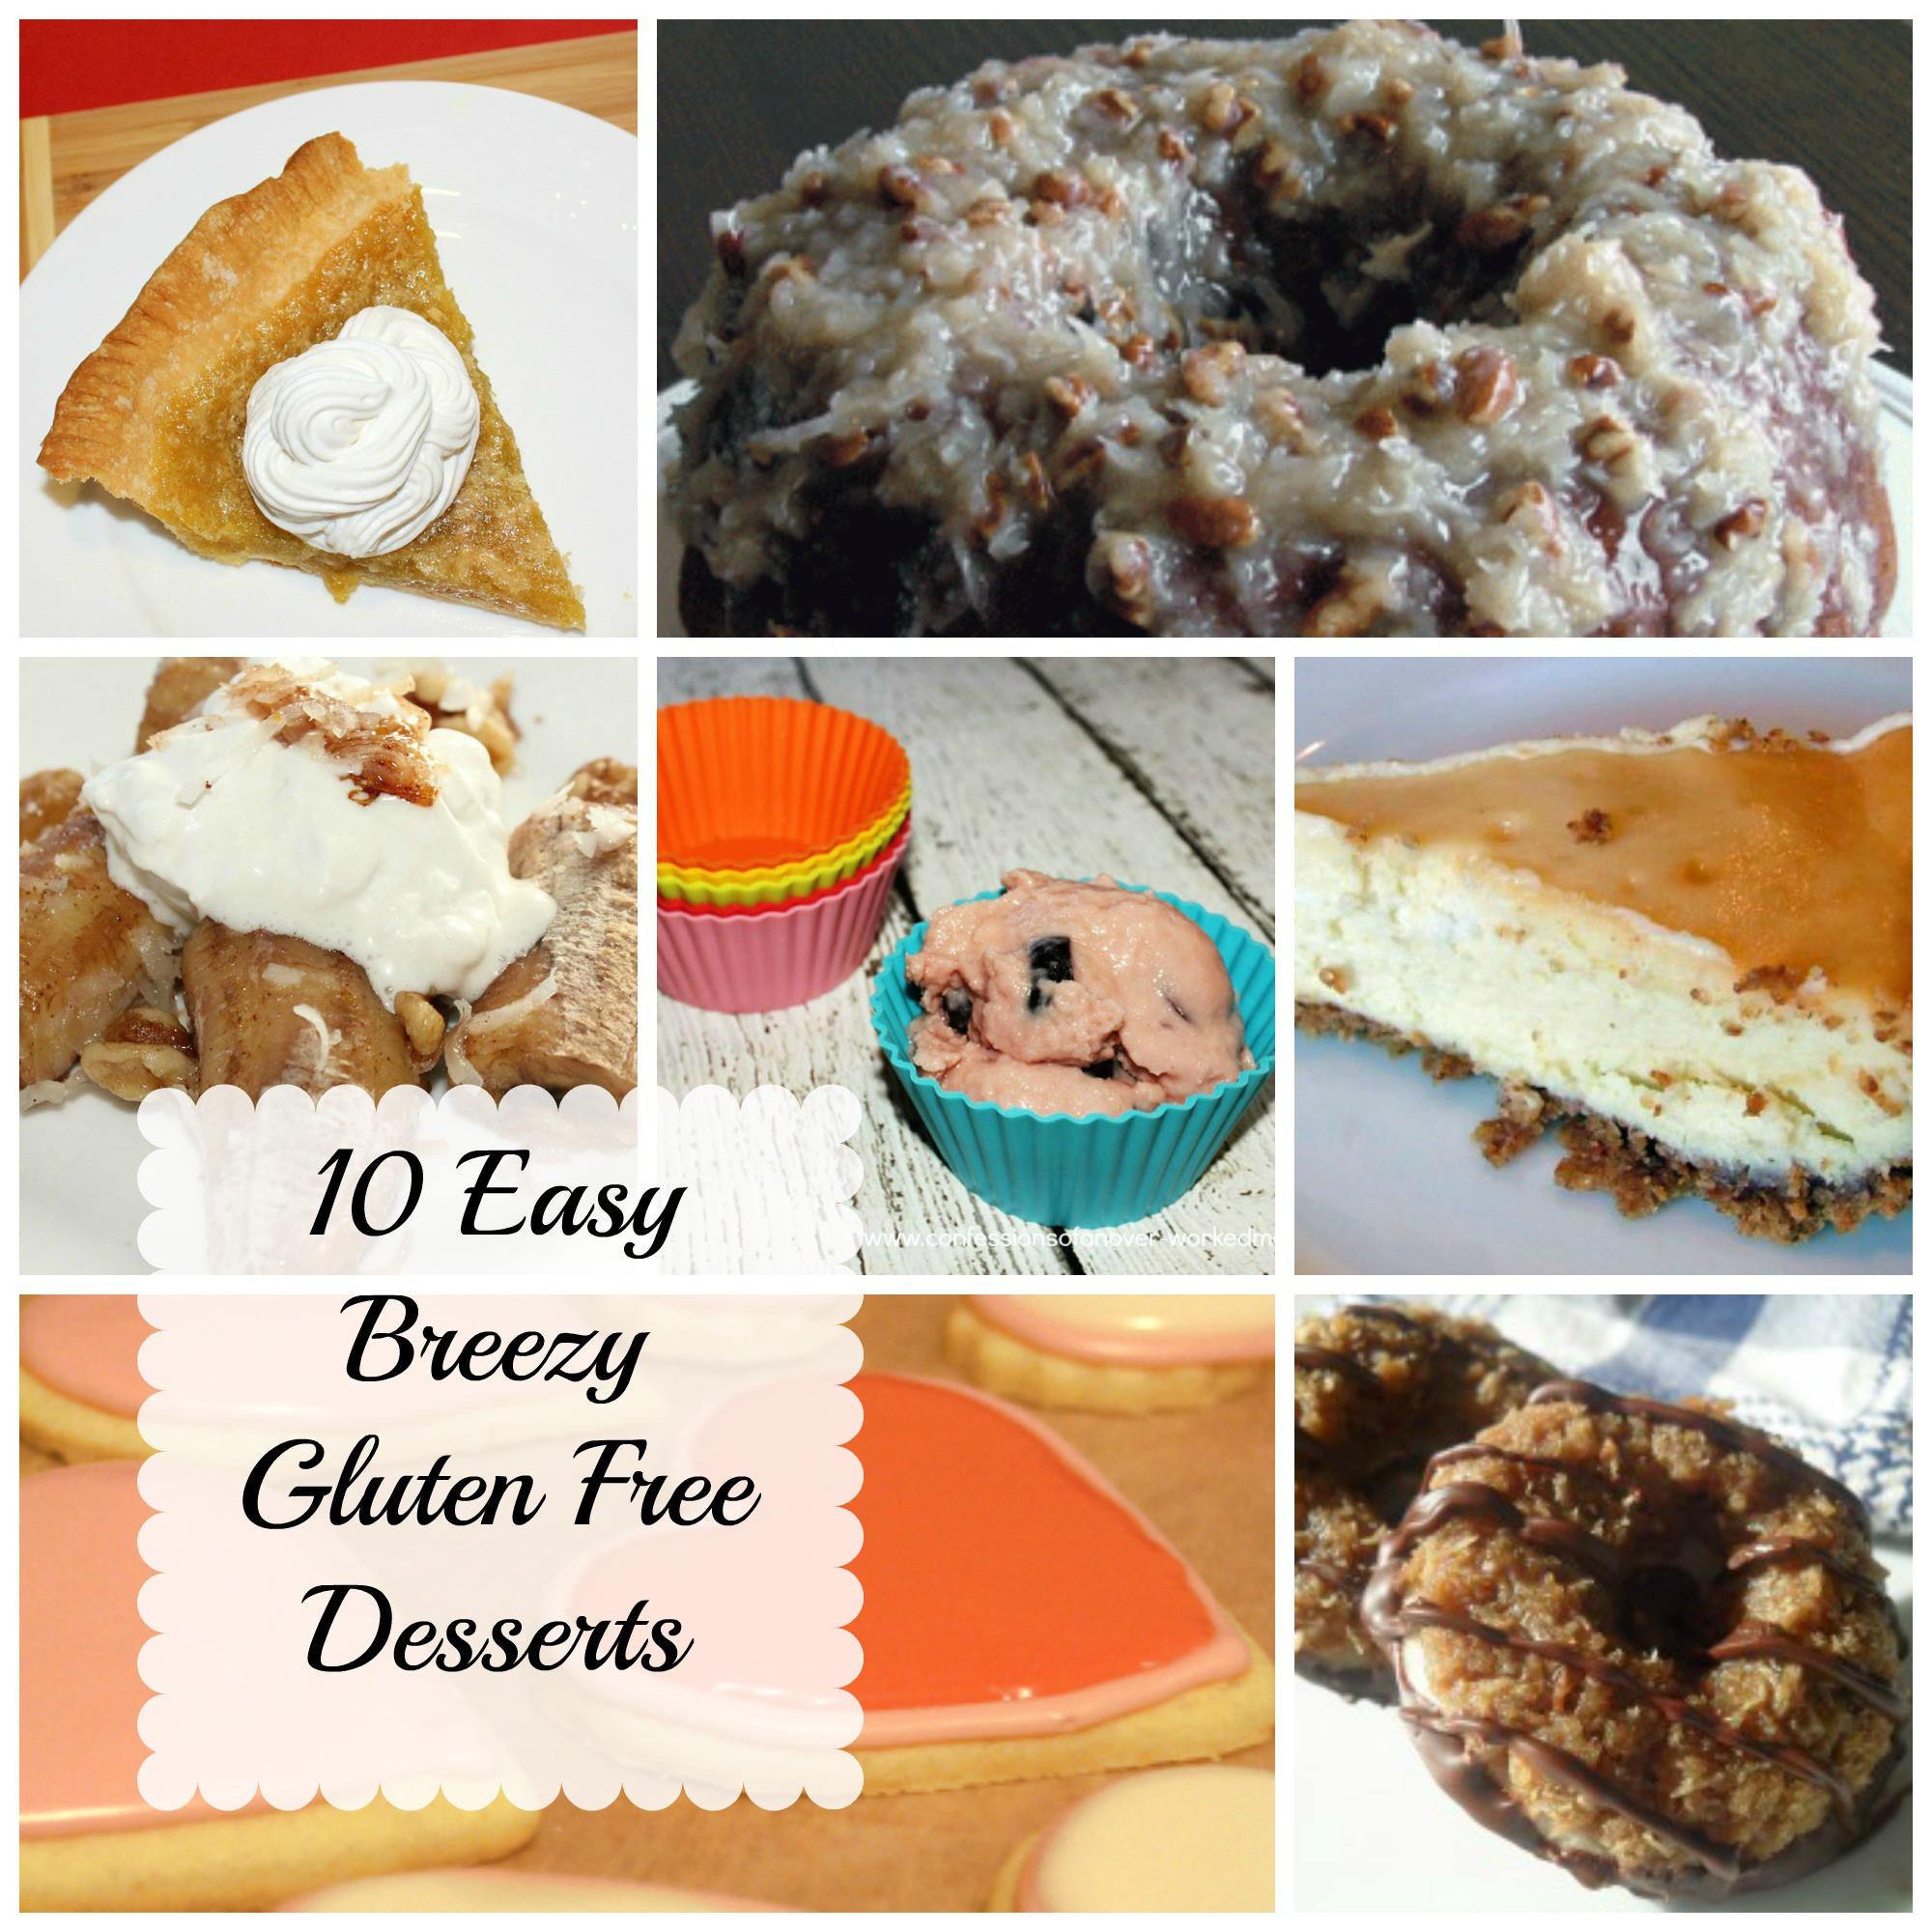 Gluten Free Dairy Free Desserts  10 Gluten Free Desserts